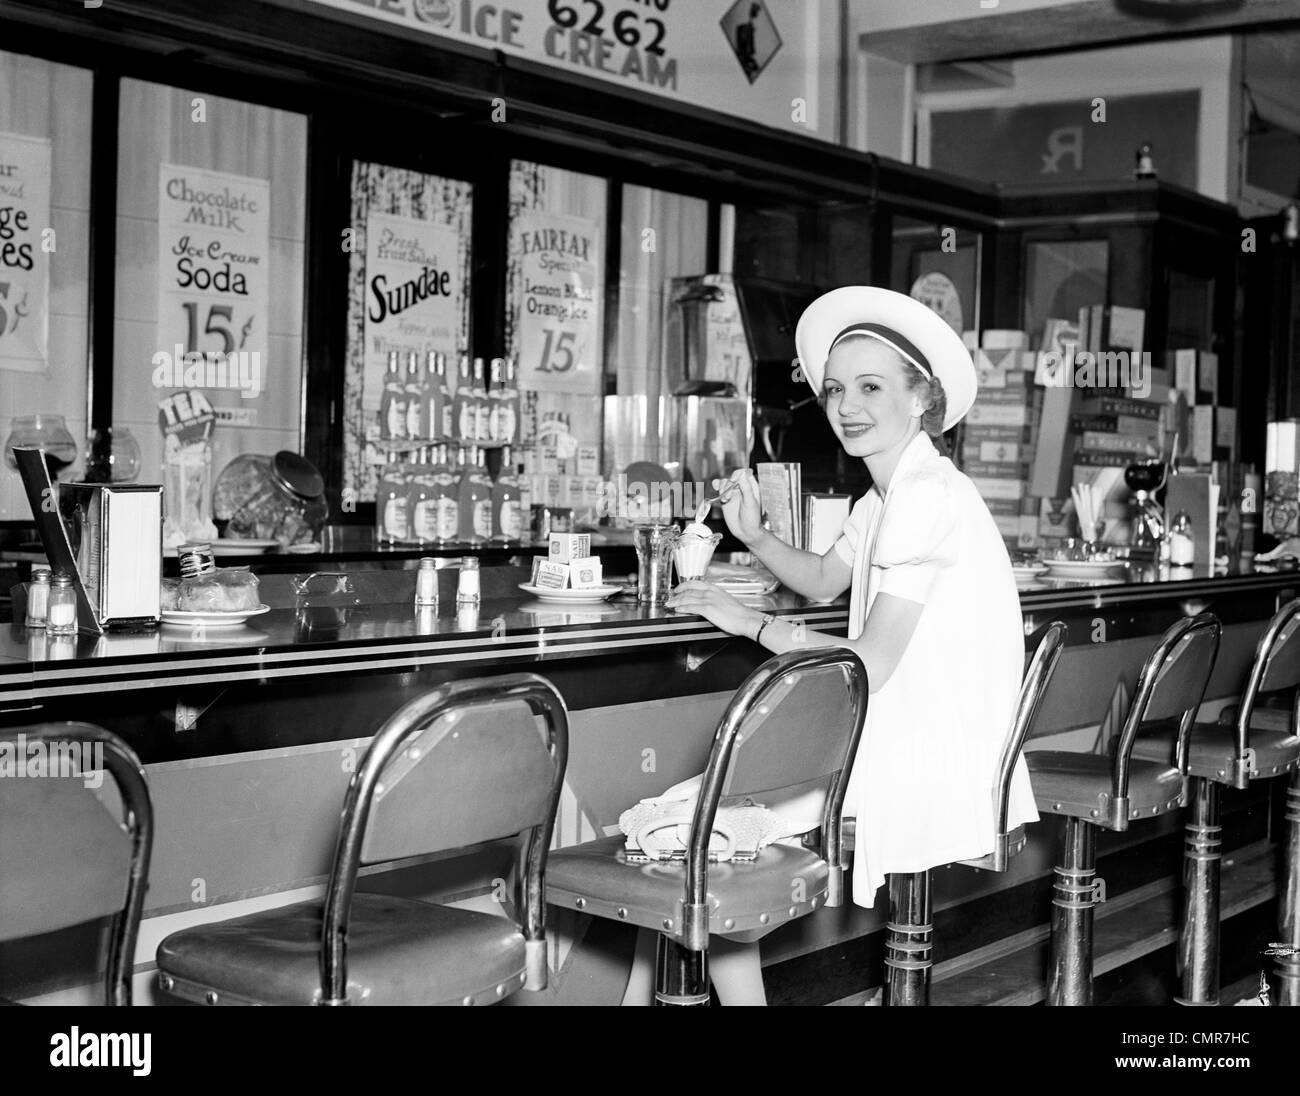 1930 FEMME EN ROBE BLANCHE ET CHAPEAU ASSIS À LA FONTAINE DE SODA À LA CRÈME GLACÉE MANGER COMPTEUR Photo Stock